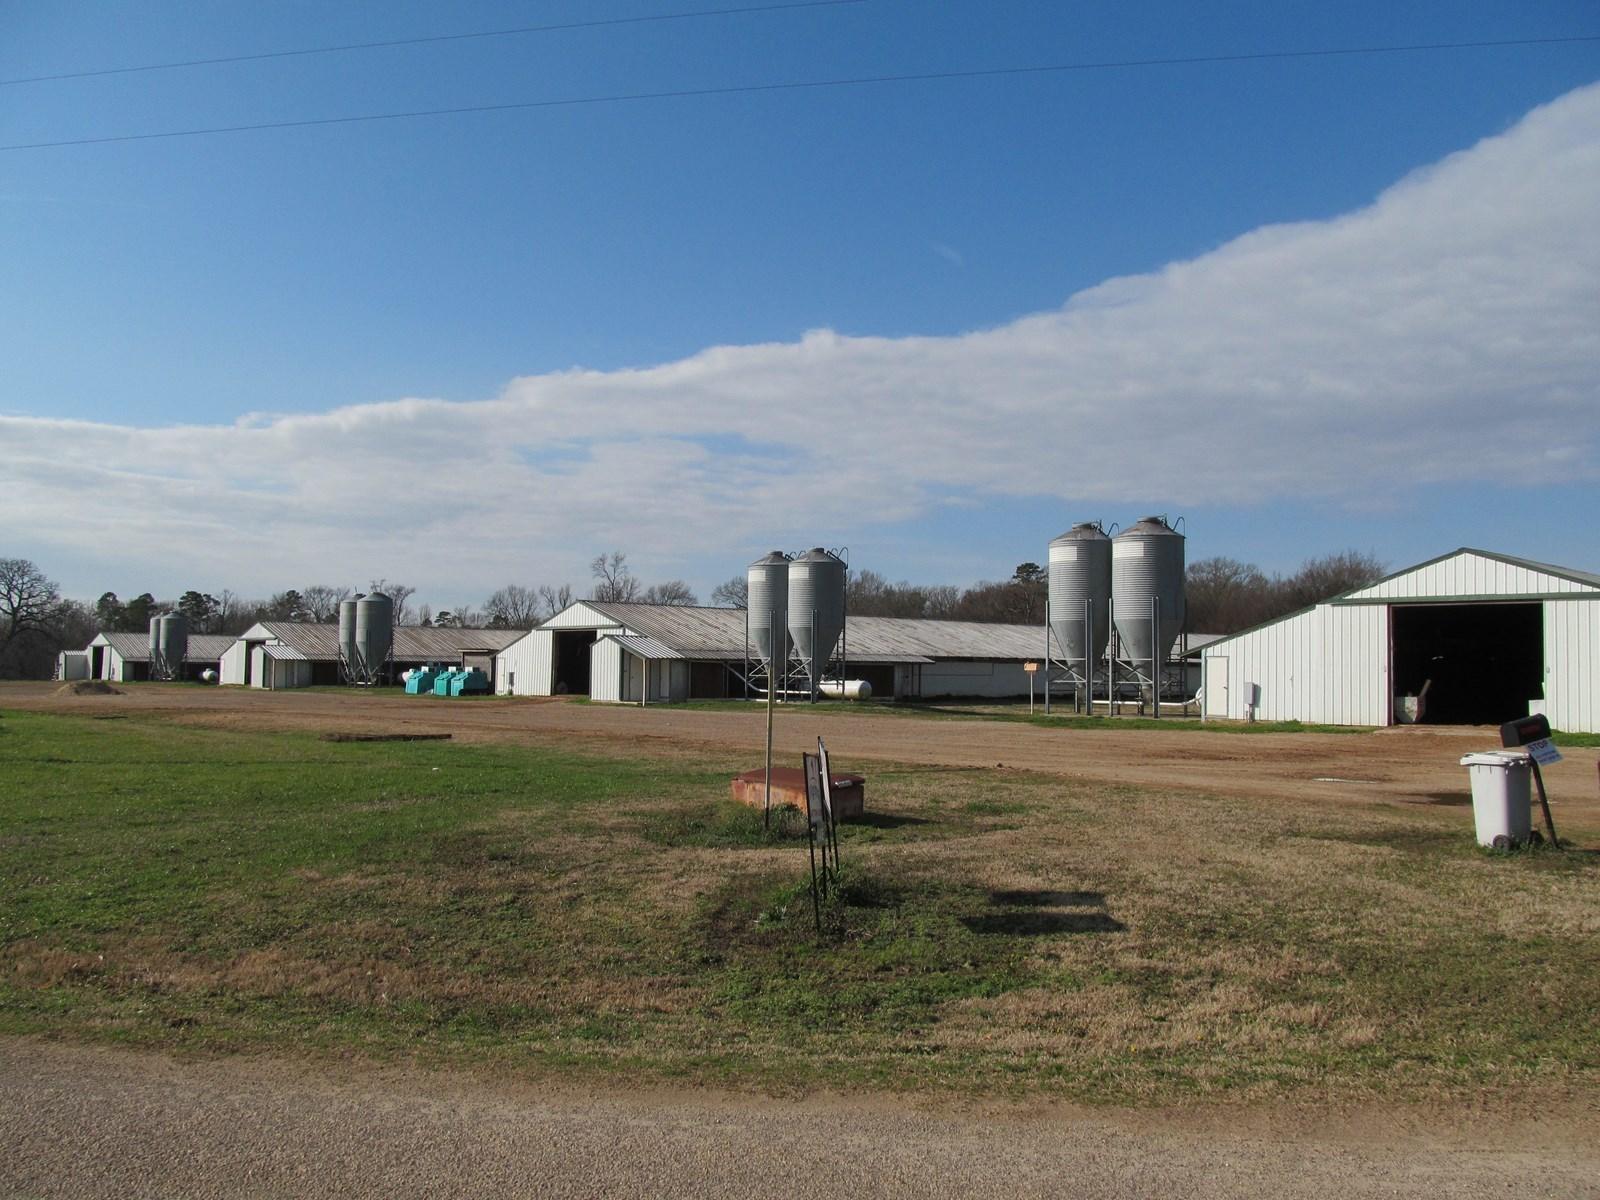 BROILER POULTRY FARM - MOUNT VERNON, TEXAS - FRANKLIN COUNTY